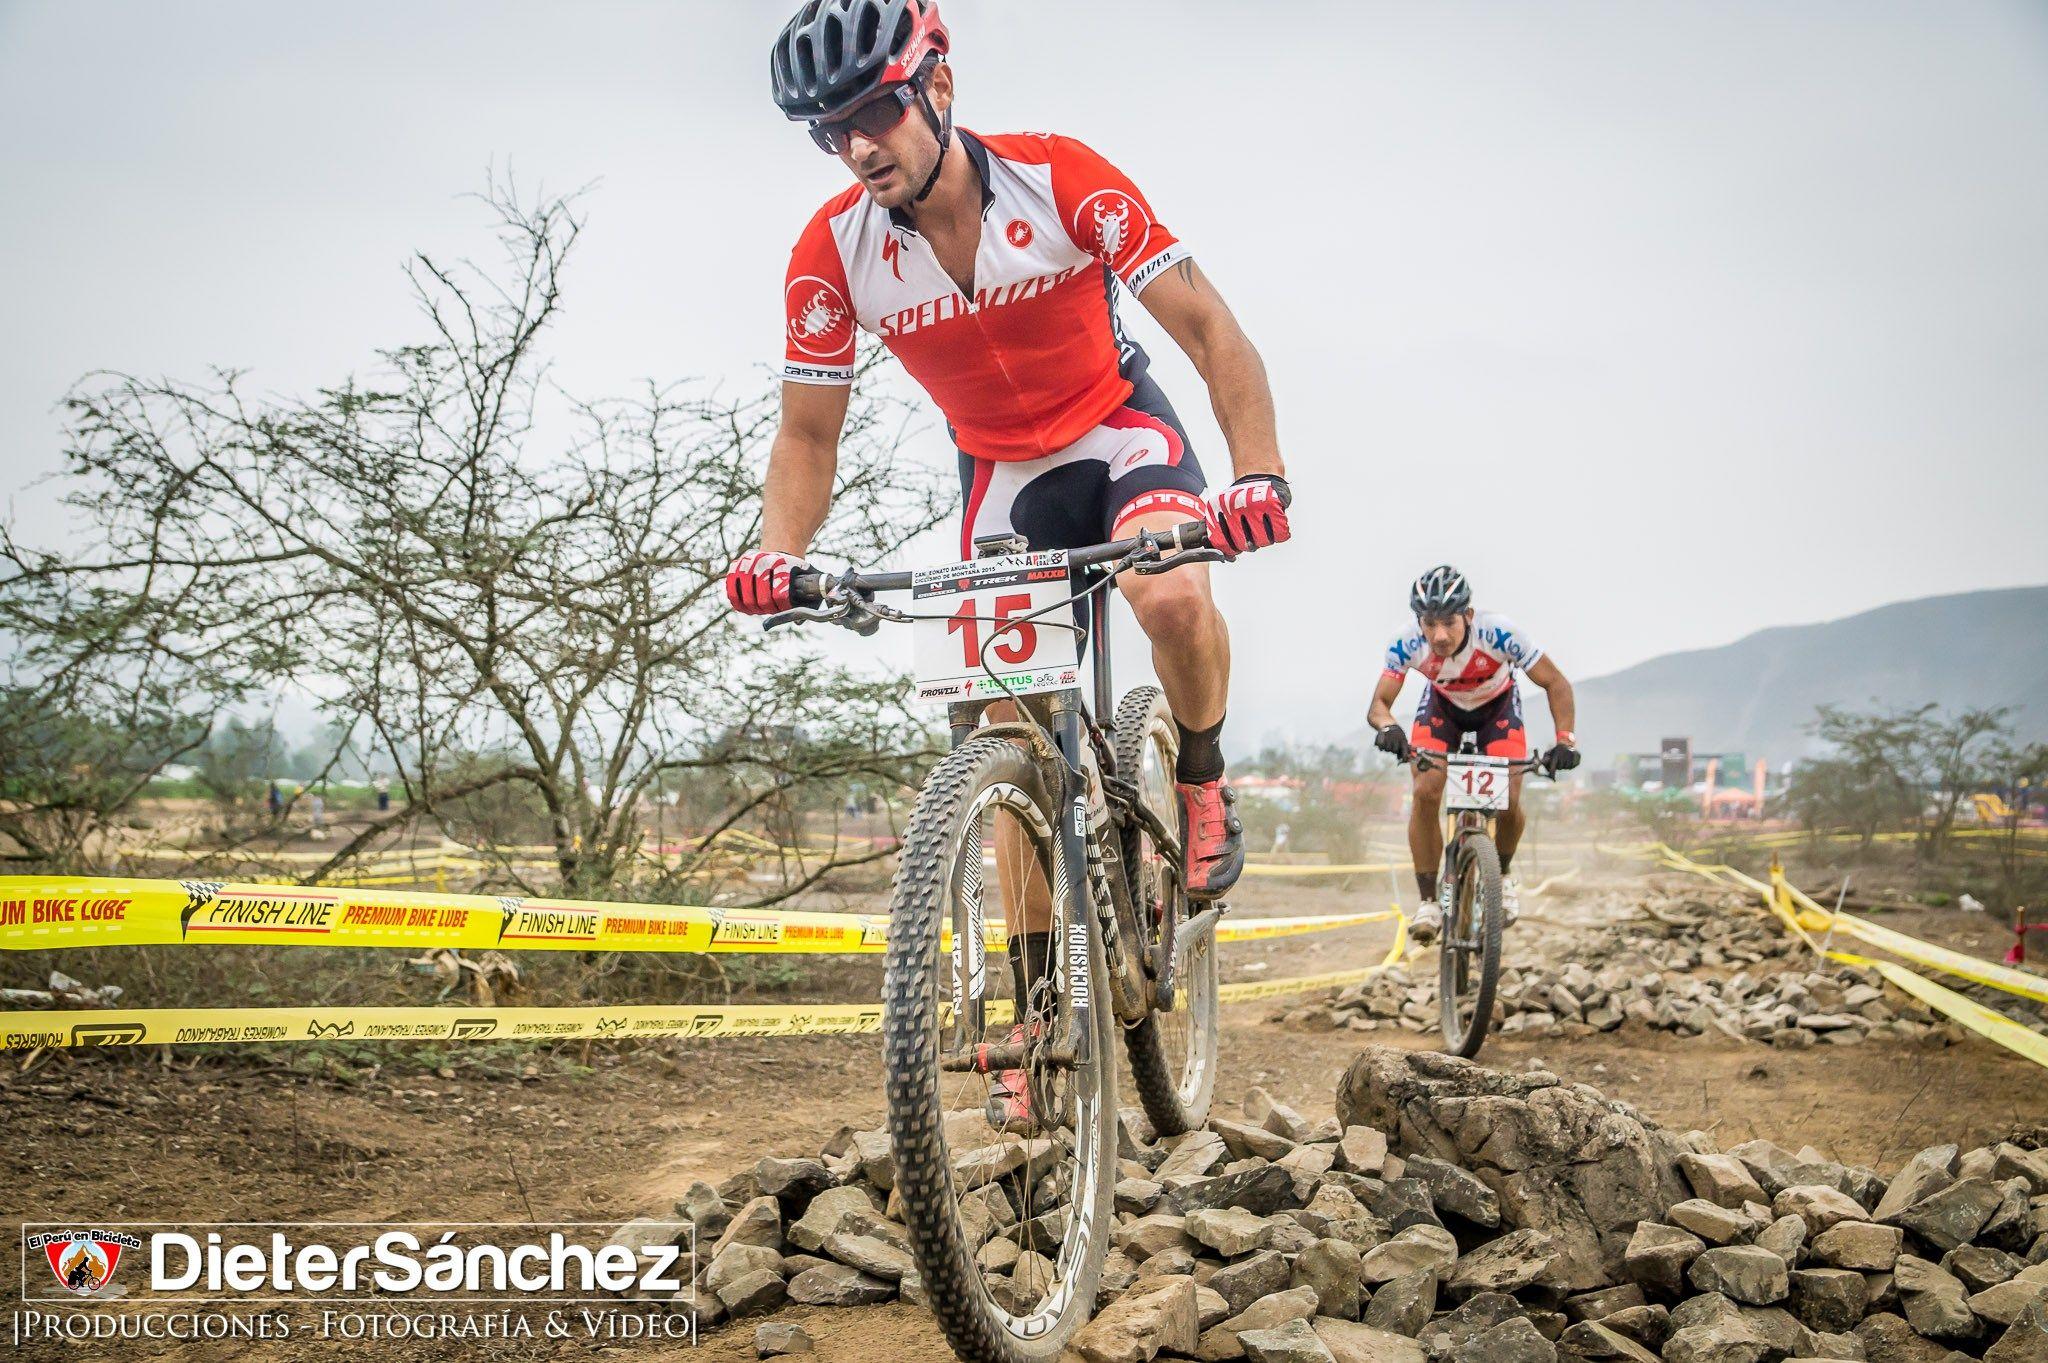 competencias de ciclismo de montaña